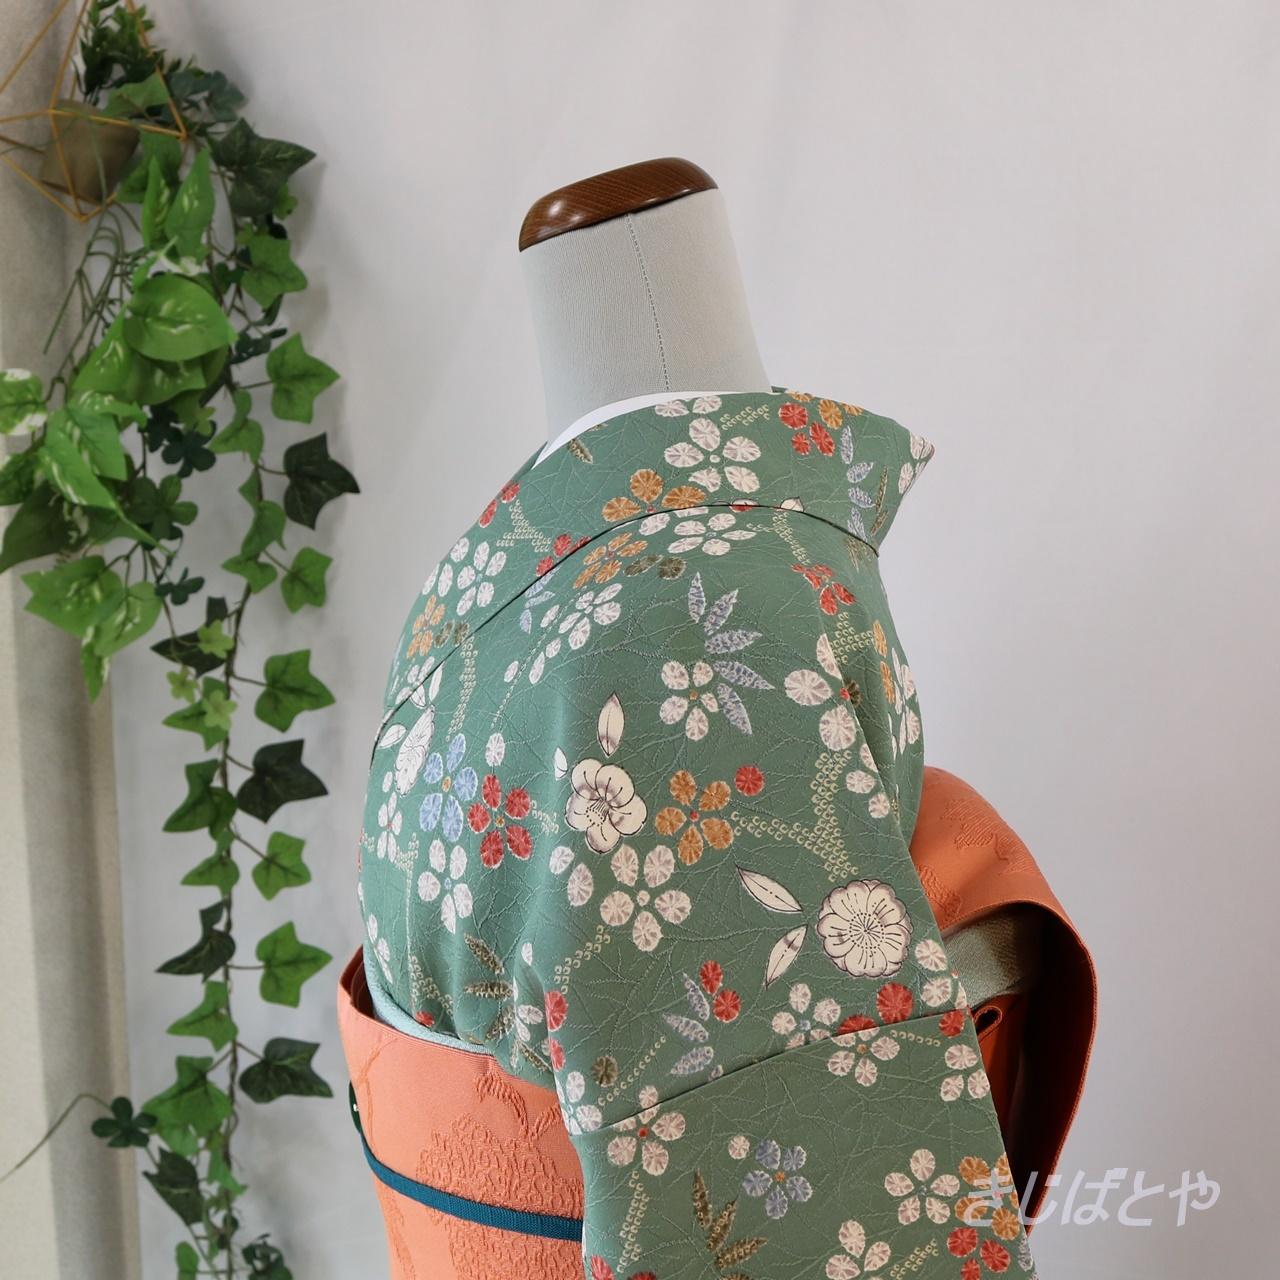 正絹綸子 灰緑に辻が花風の総柄小紋 袷